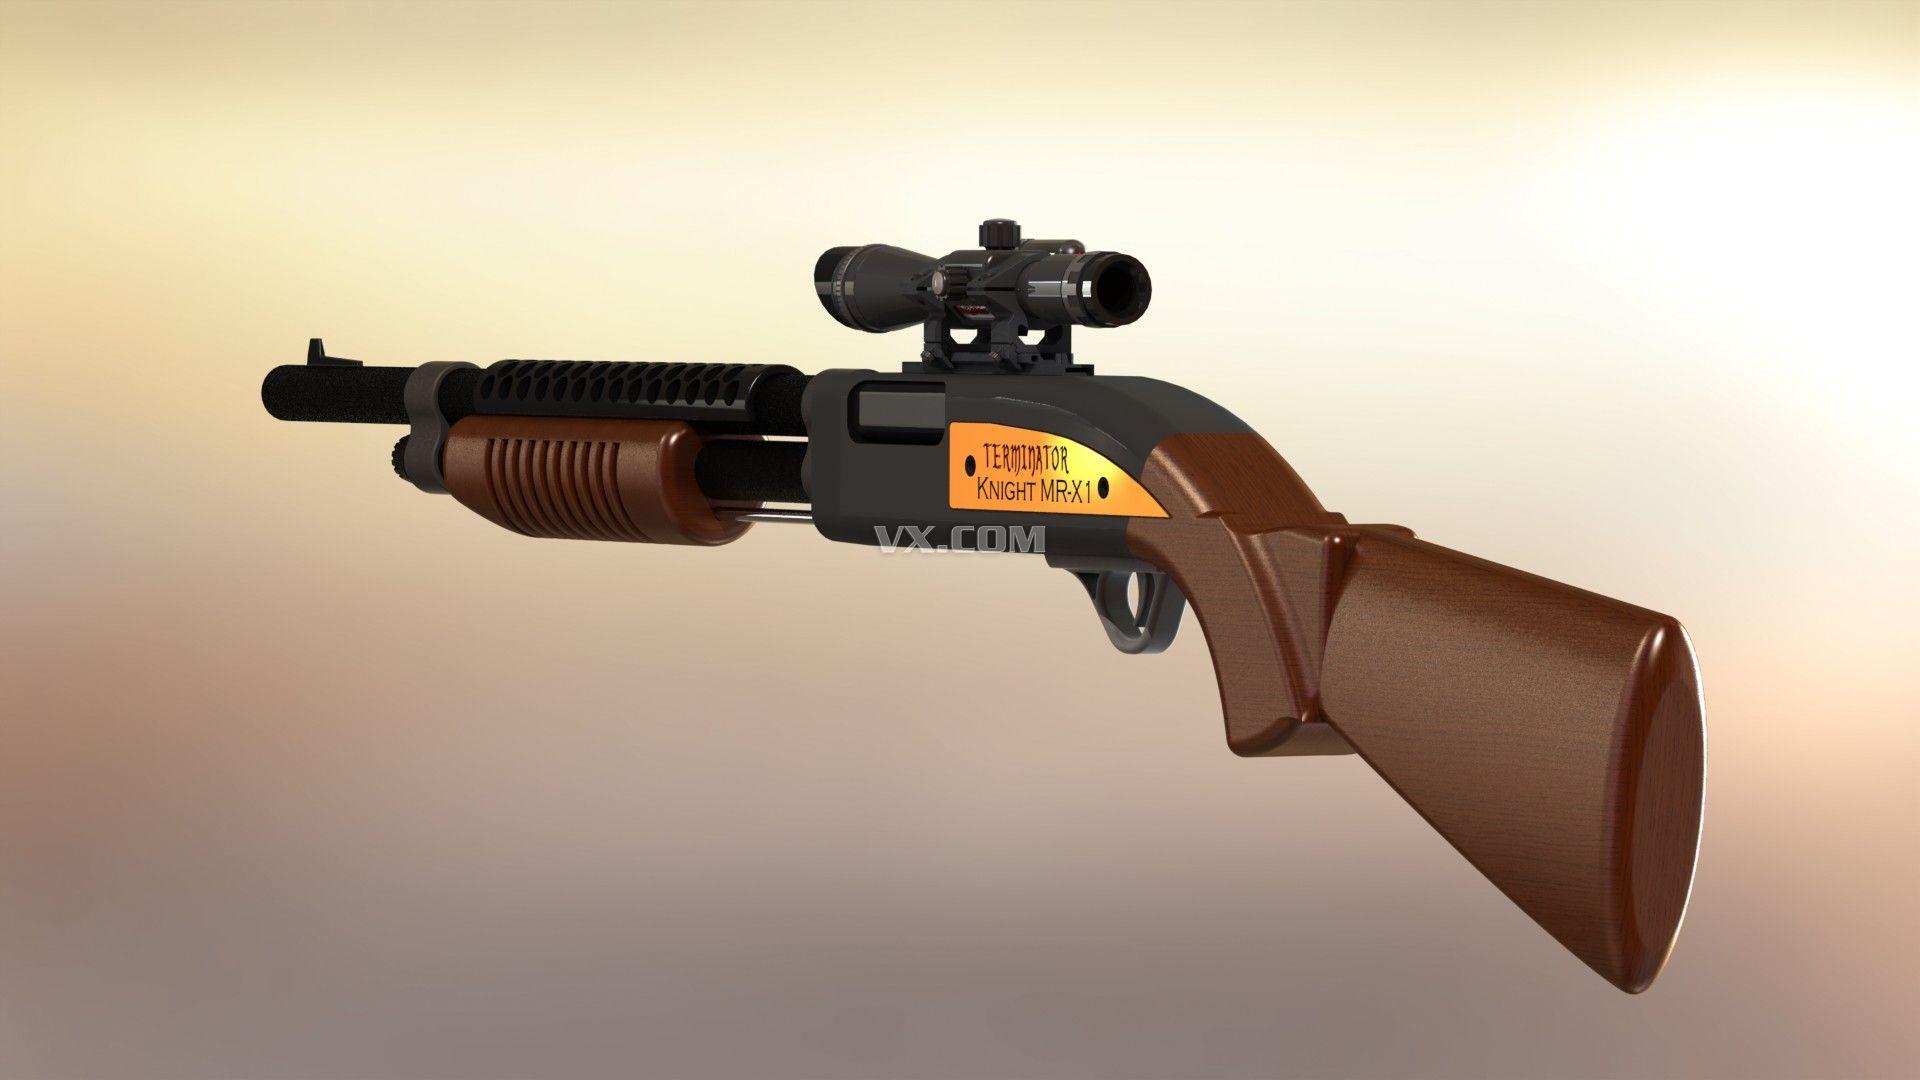 玩具散弹枪结构图